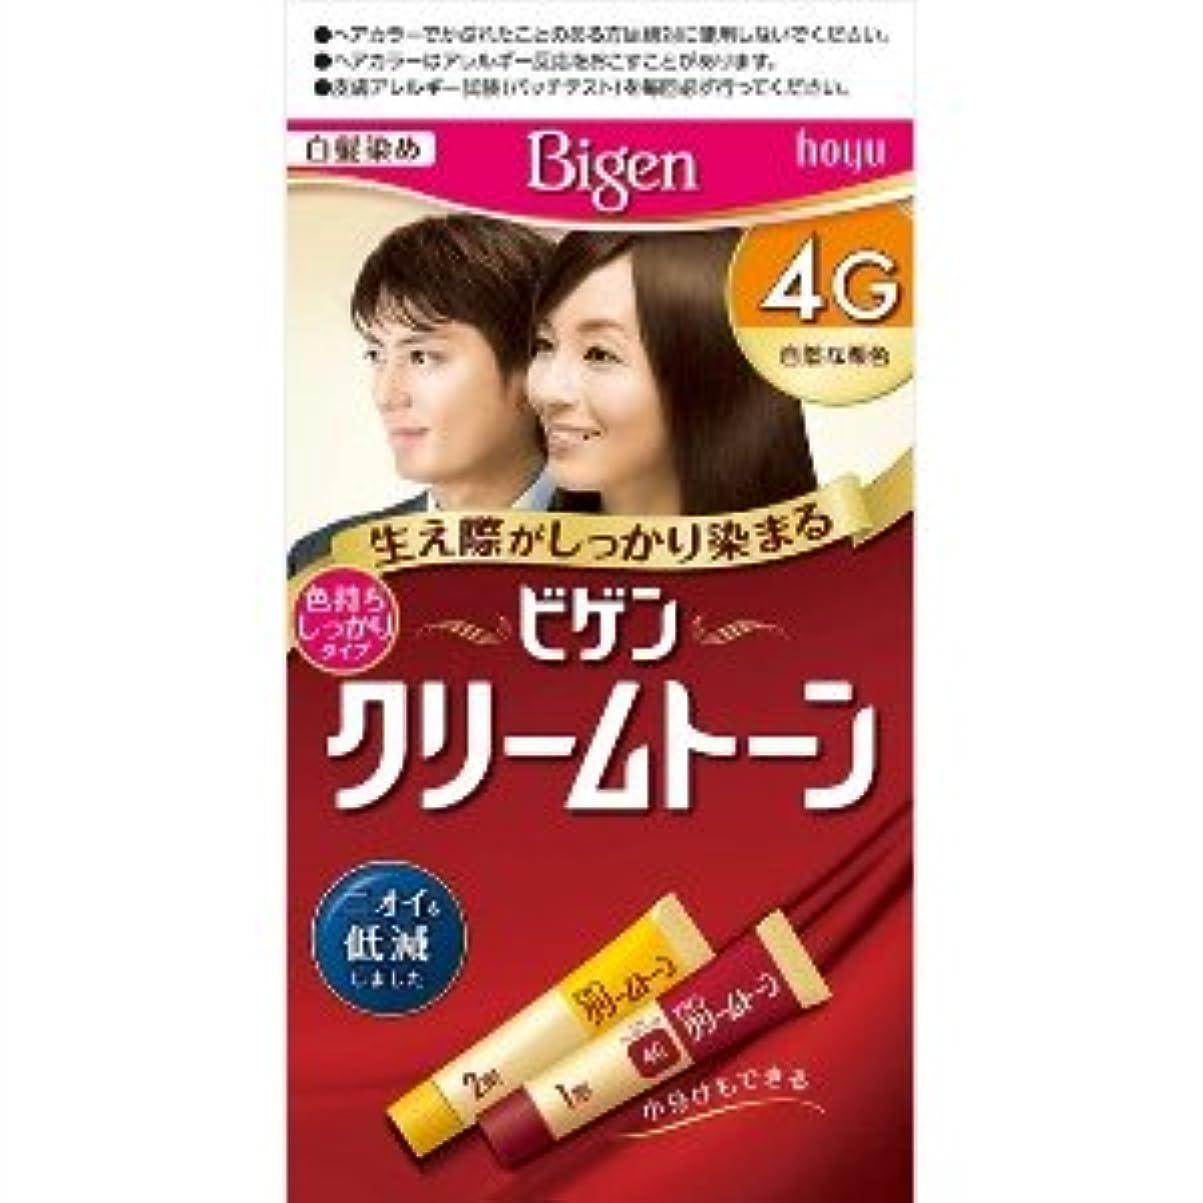 バッテリー発症値ビゲン クリームトーン 4G(自然な栗色)×6個